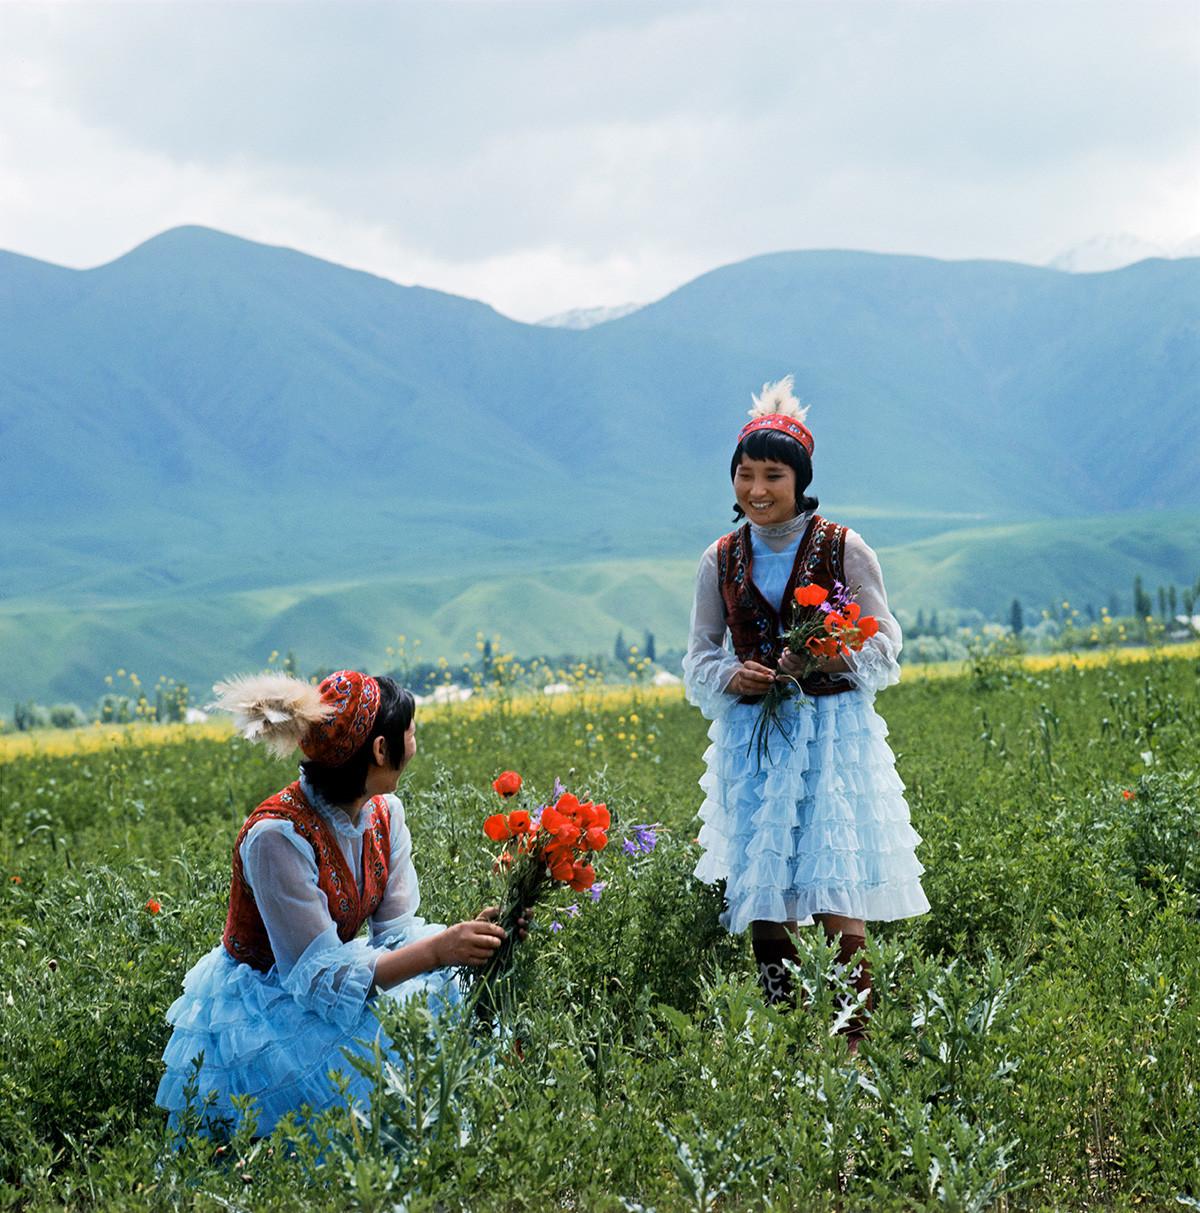 キルギス人伝統衣装をつけた女性たち